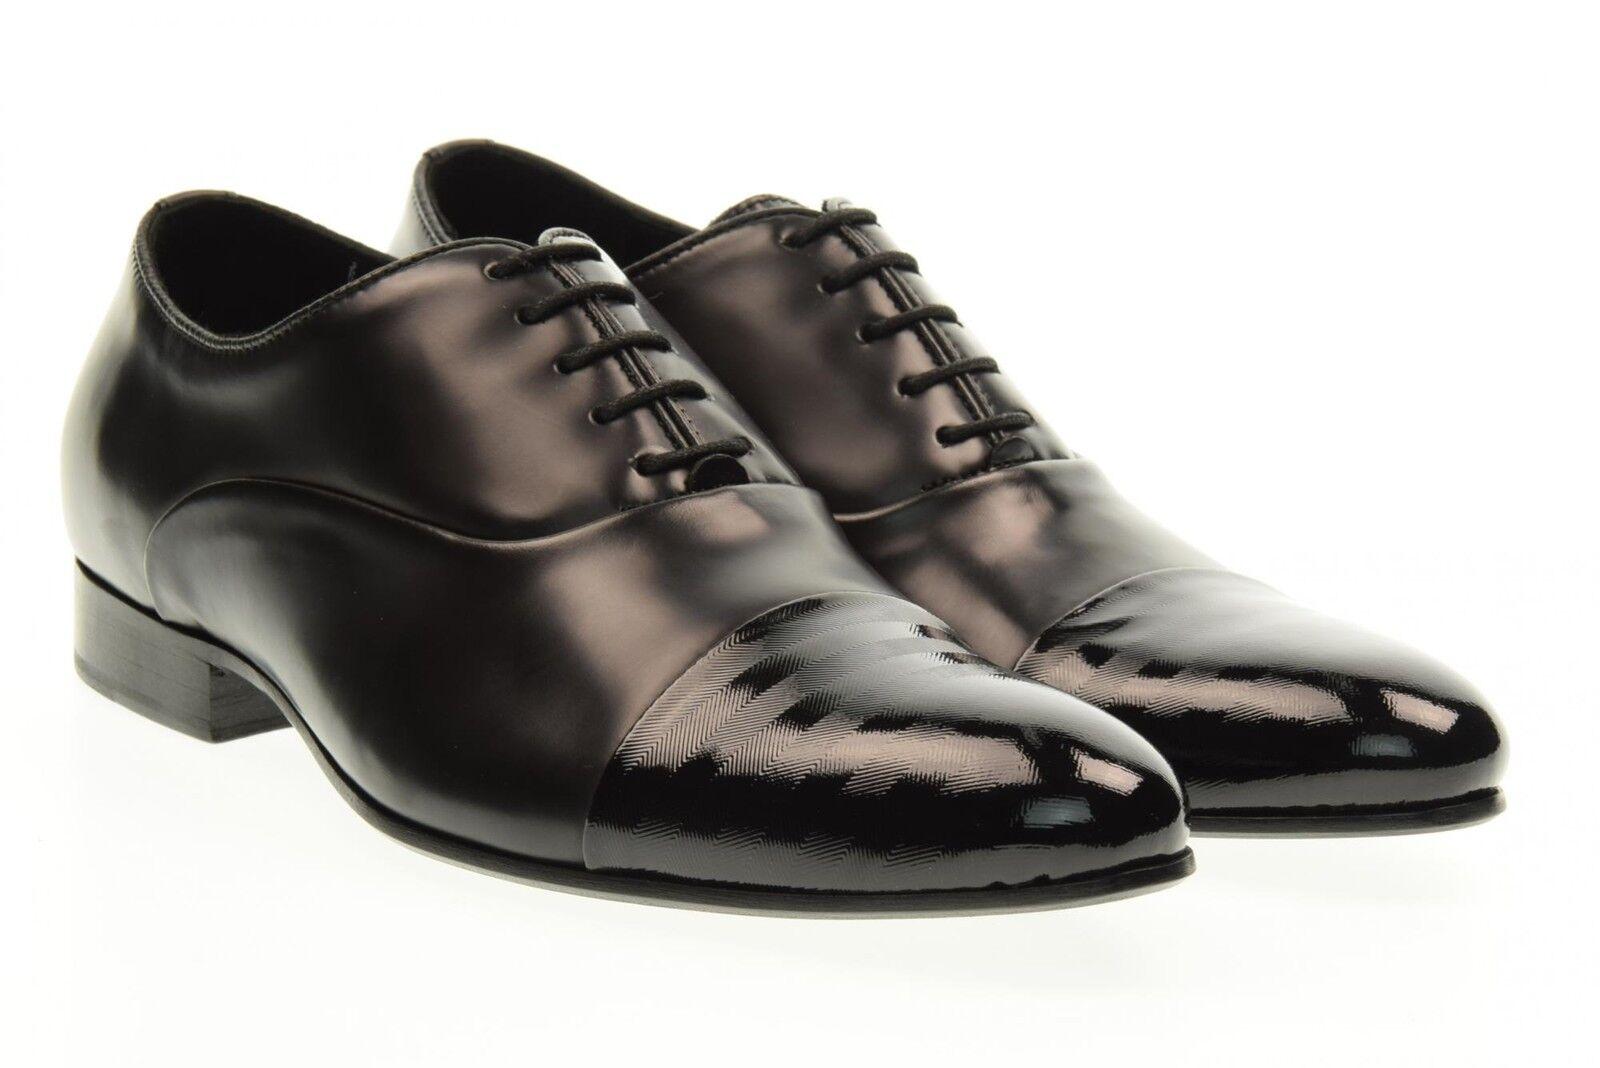 Eveet scarpe uomo stringate stringate uomo 15015 P17 b27692